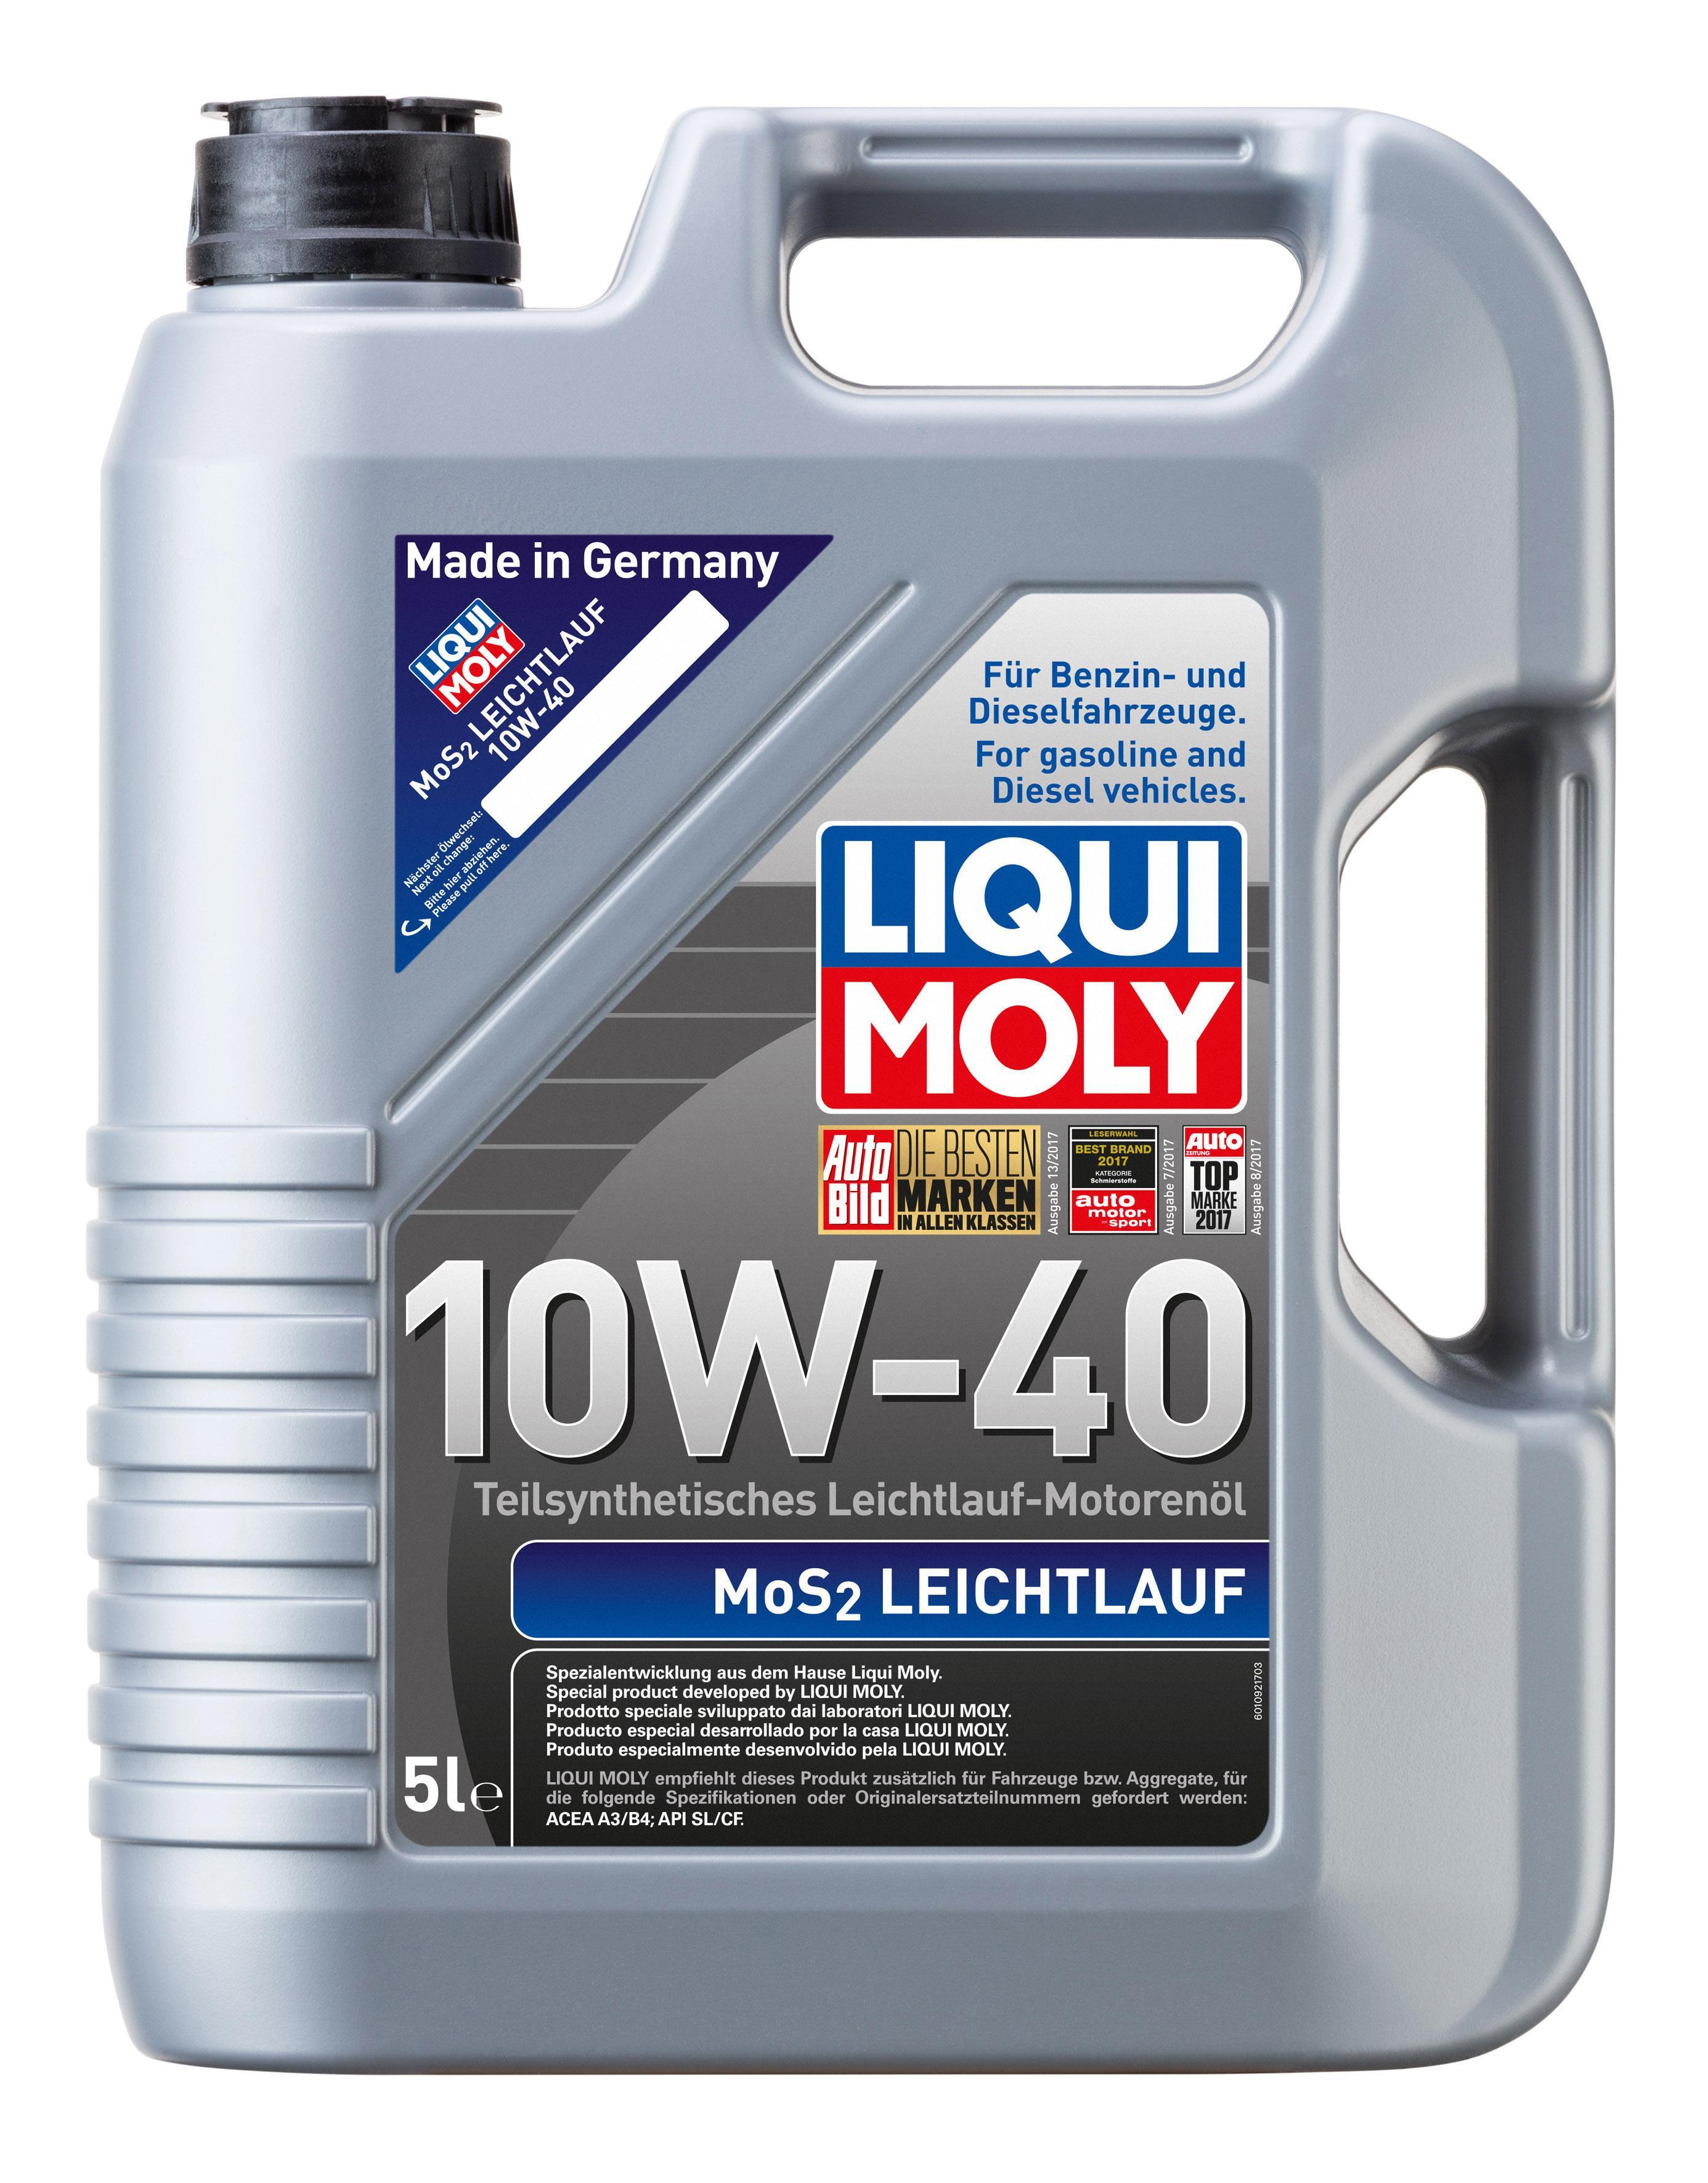 Motoröl LIQUI MOLY 1092 Bewertungen